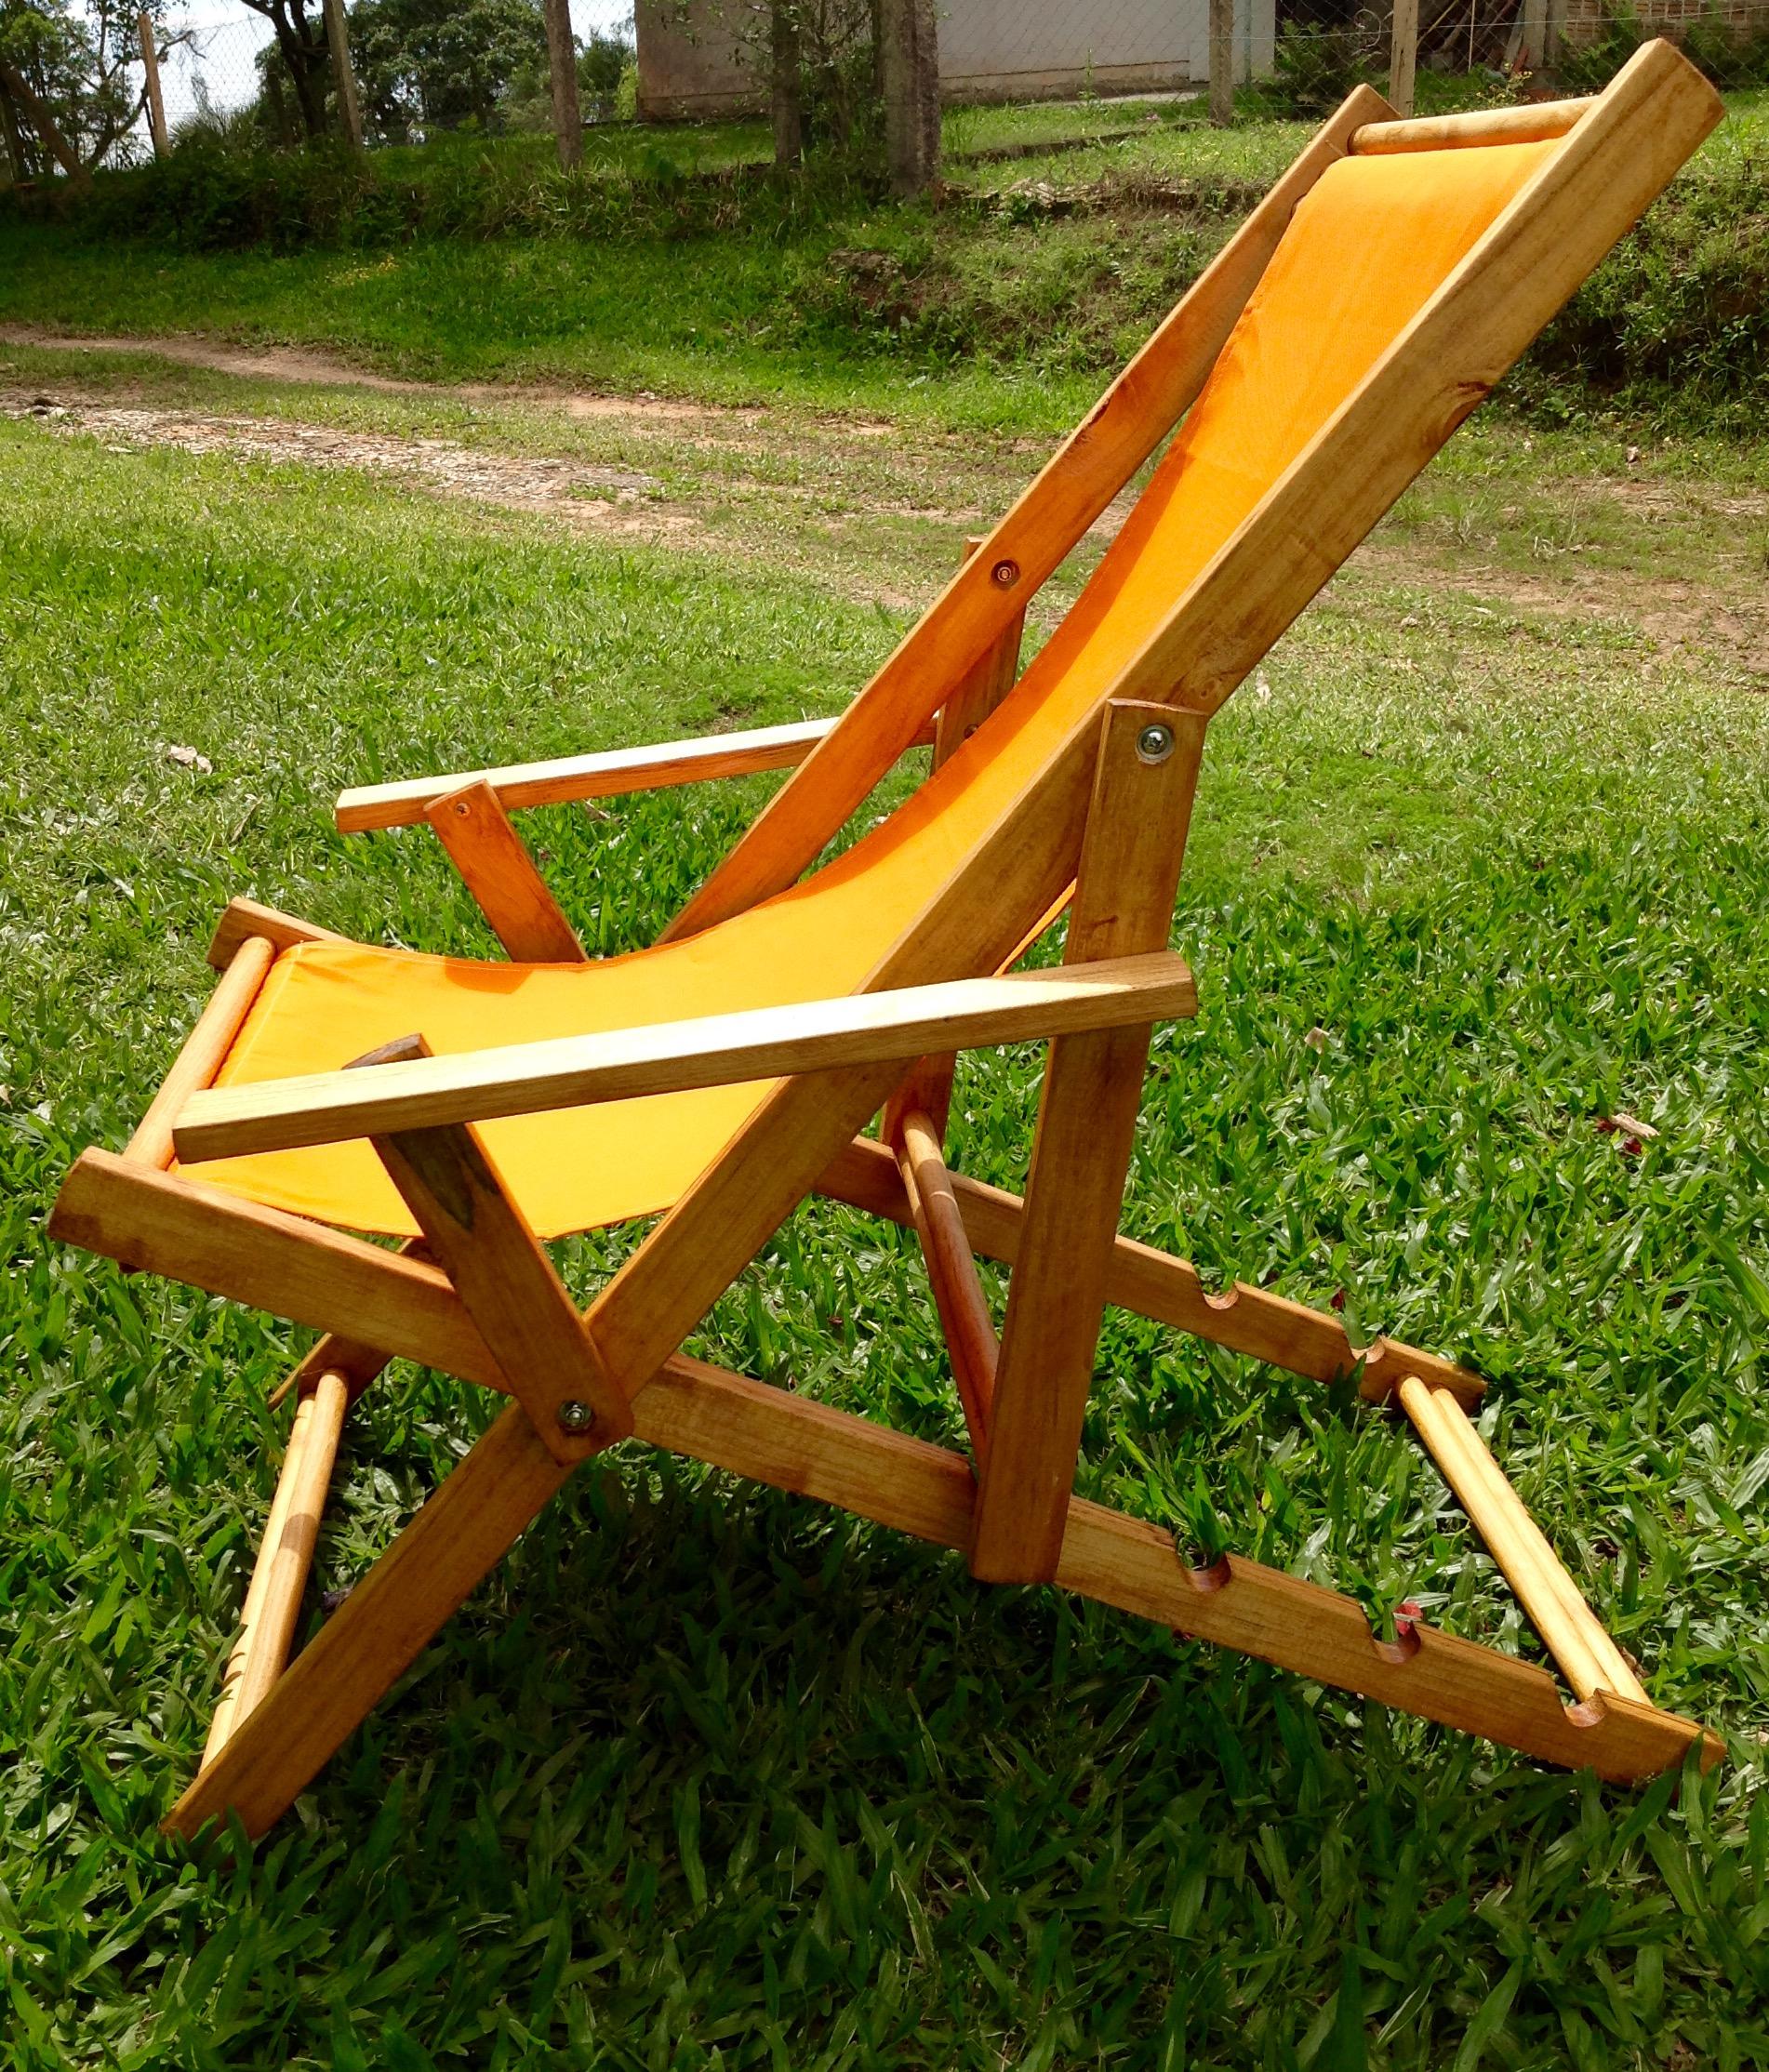 #C99702 cadeira espreguicadeira cadeira 1902x2228 px cadeira de madeira com pano @ bernauer.info Móveis Antigos Novos E Usados Online